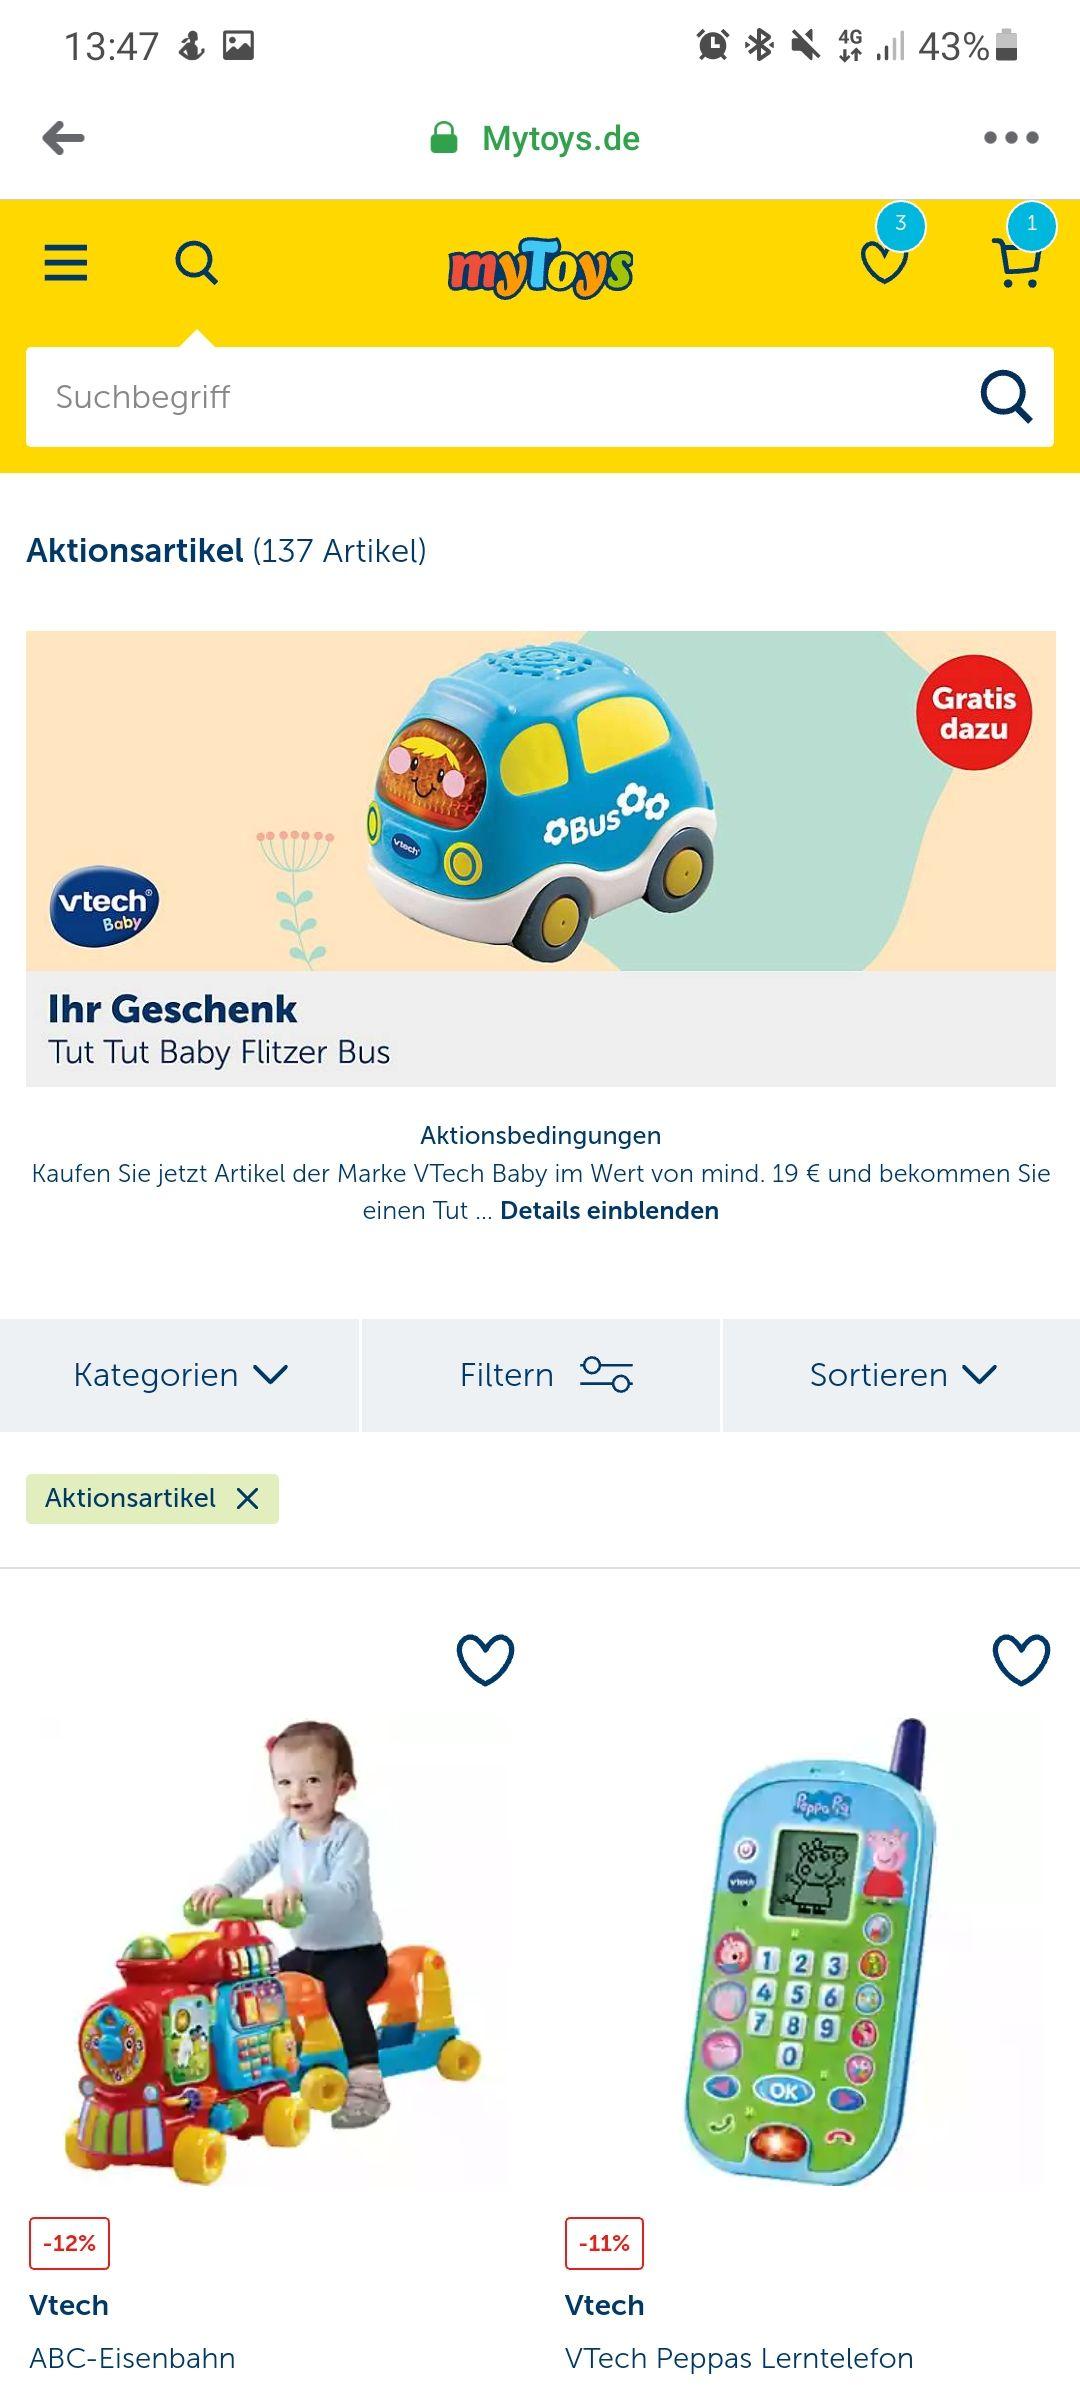 Gratis Vtech Auto mit Bestellung ab 19 €